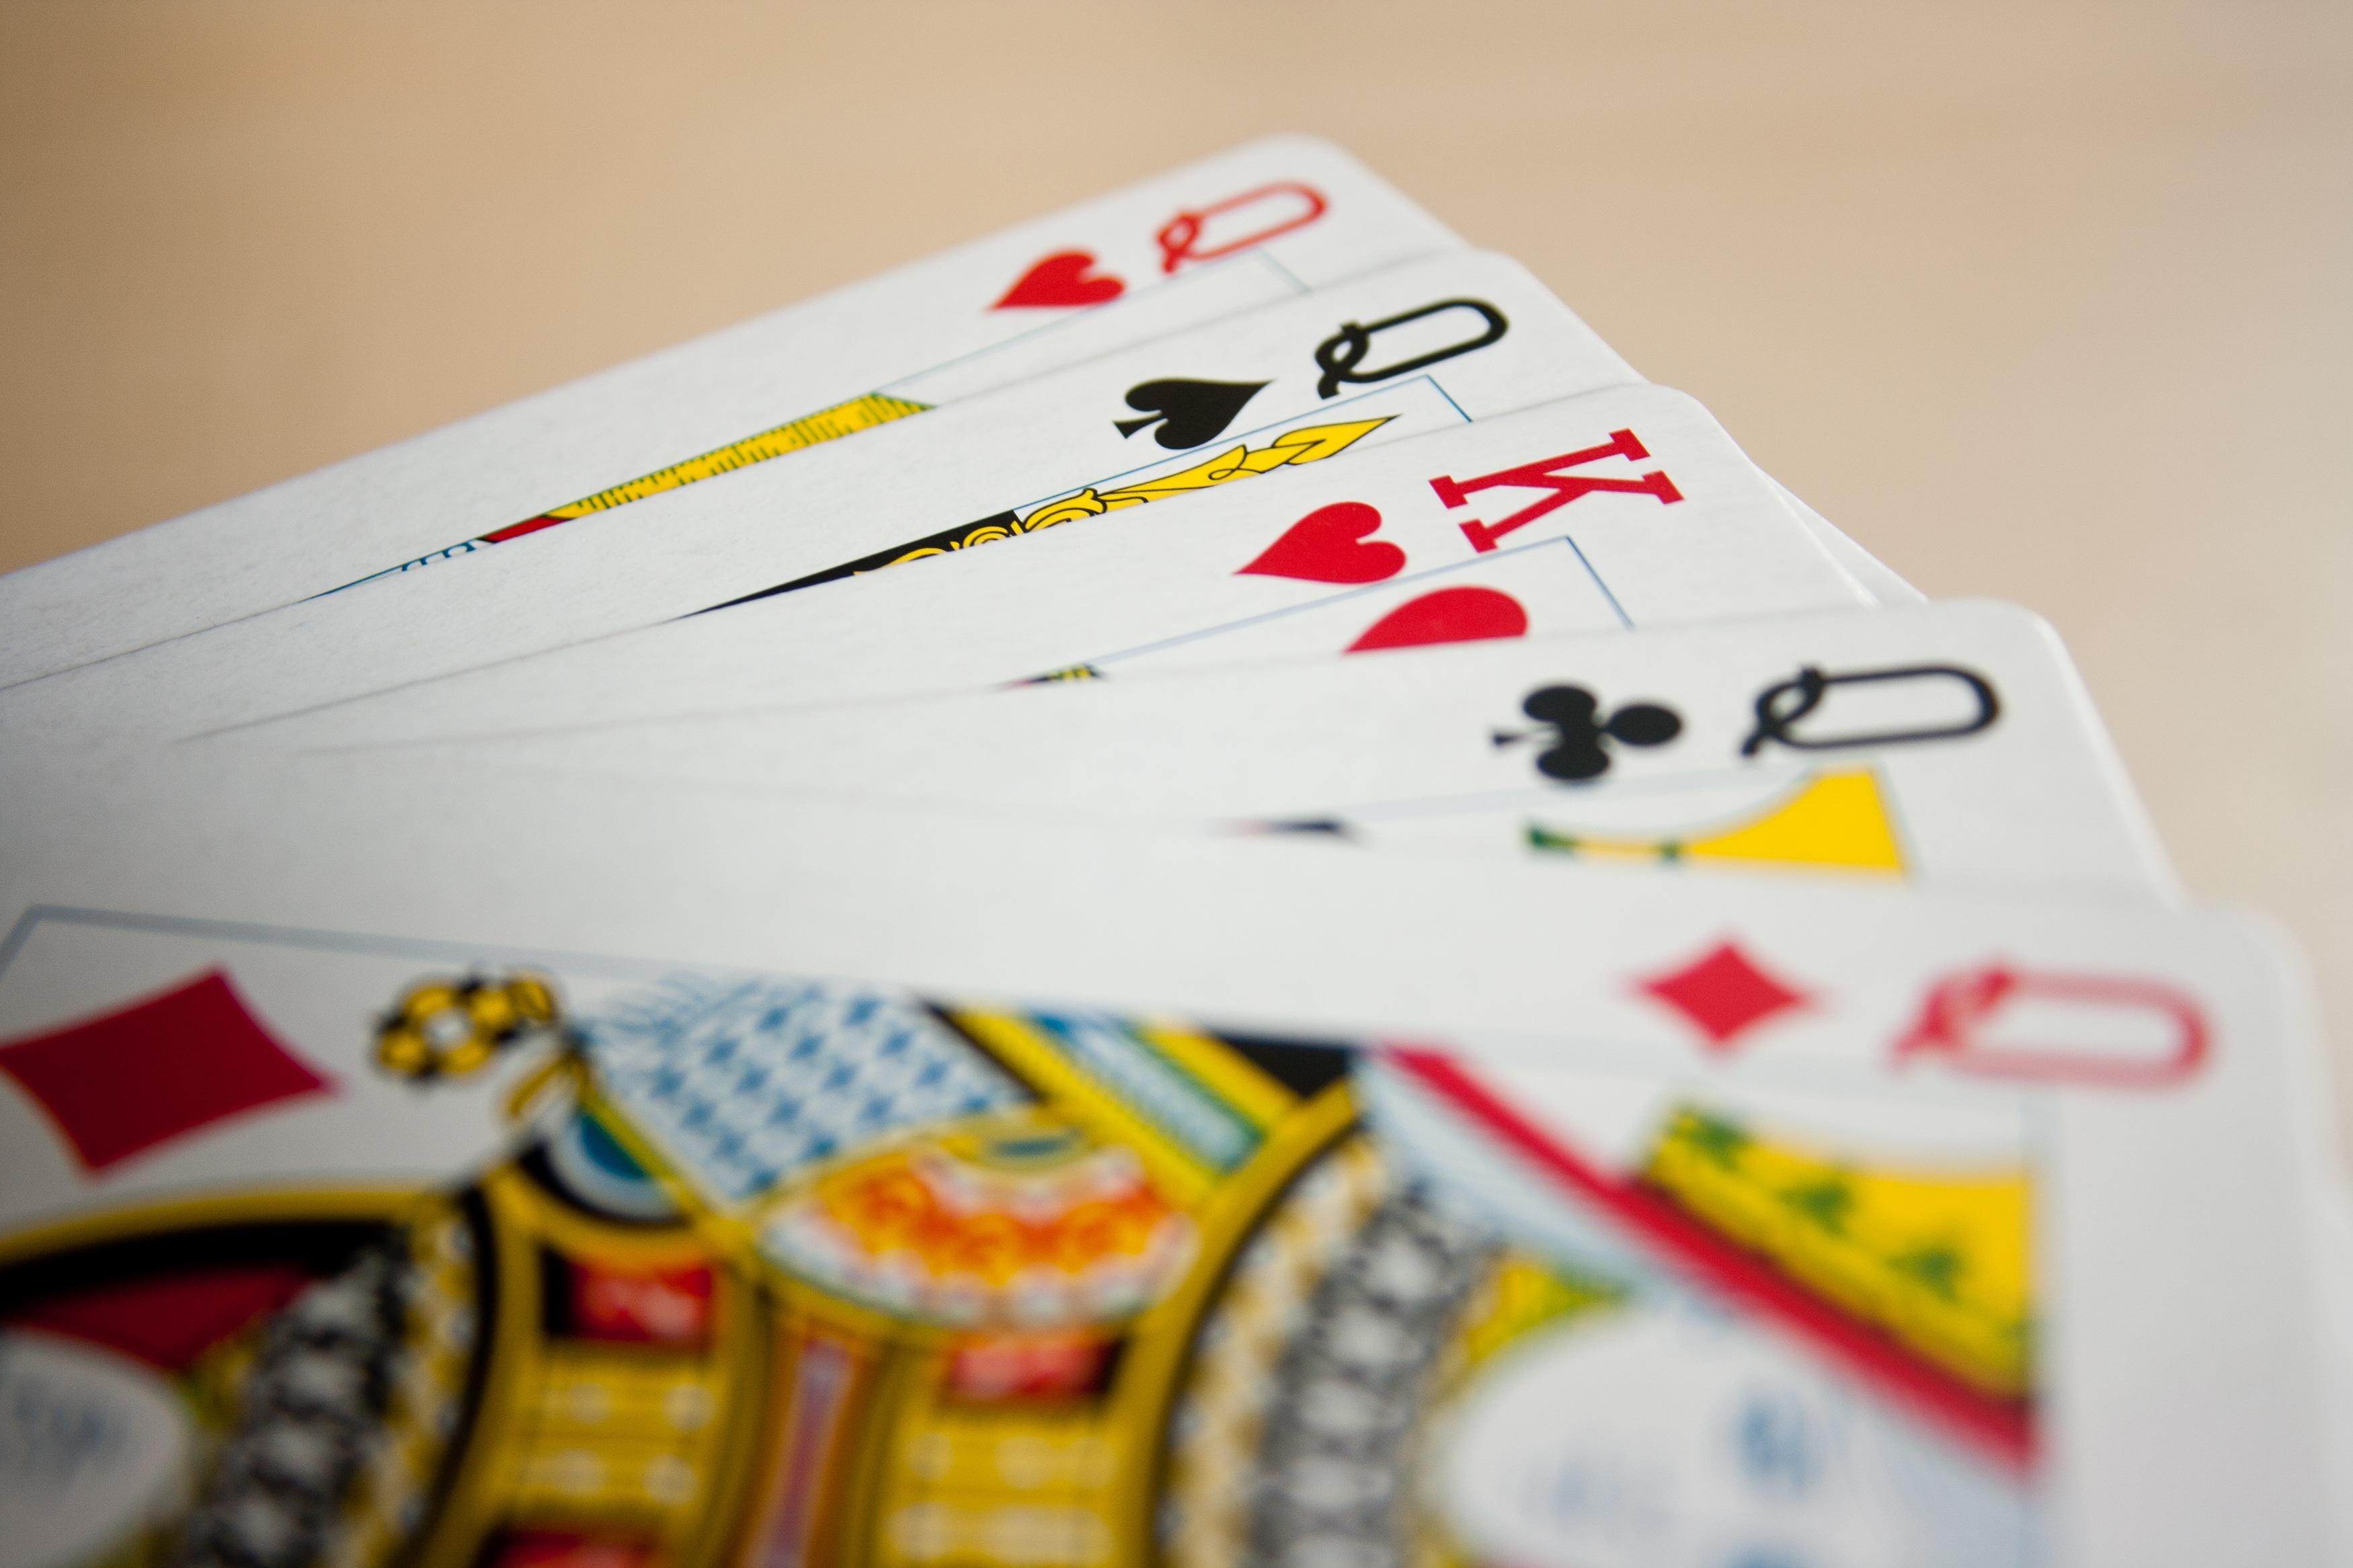 Азартные игры скачать бесплатно карты бесплатные игры казино онлайн